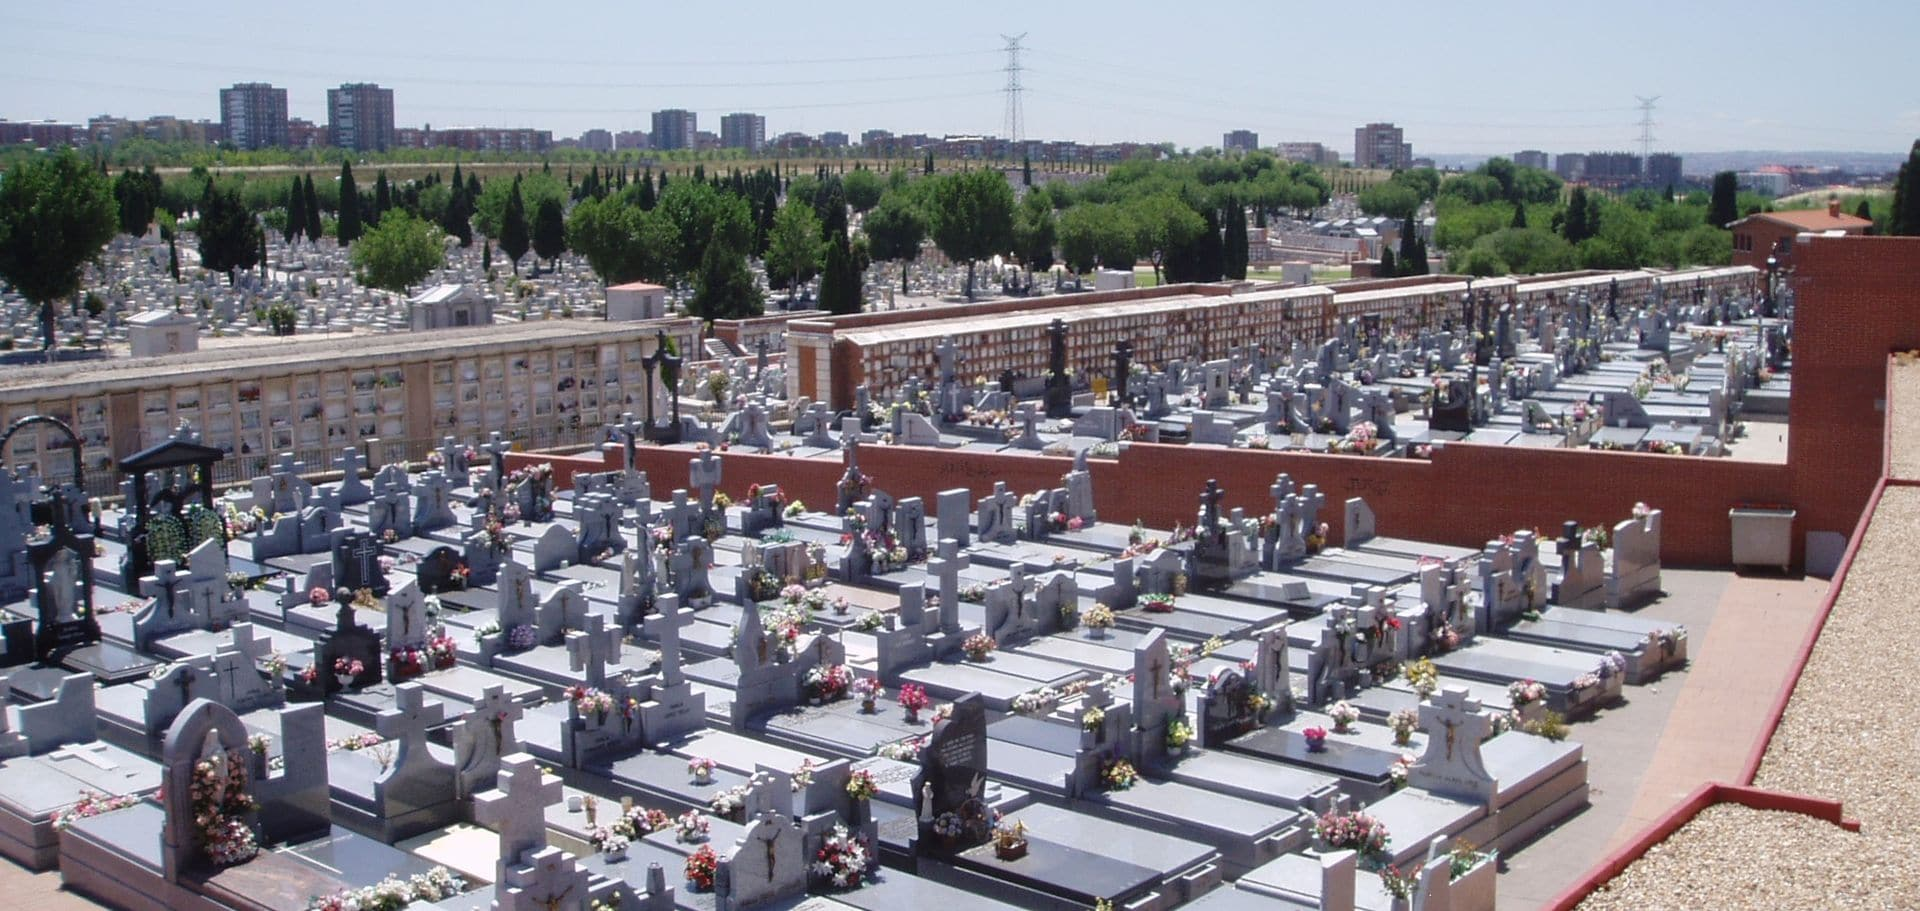 Ampliación del Cementerio de la Almudena